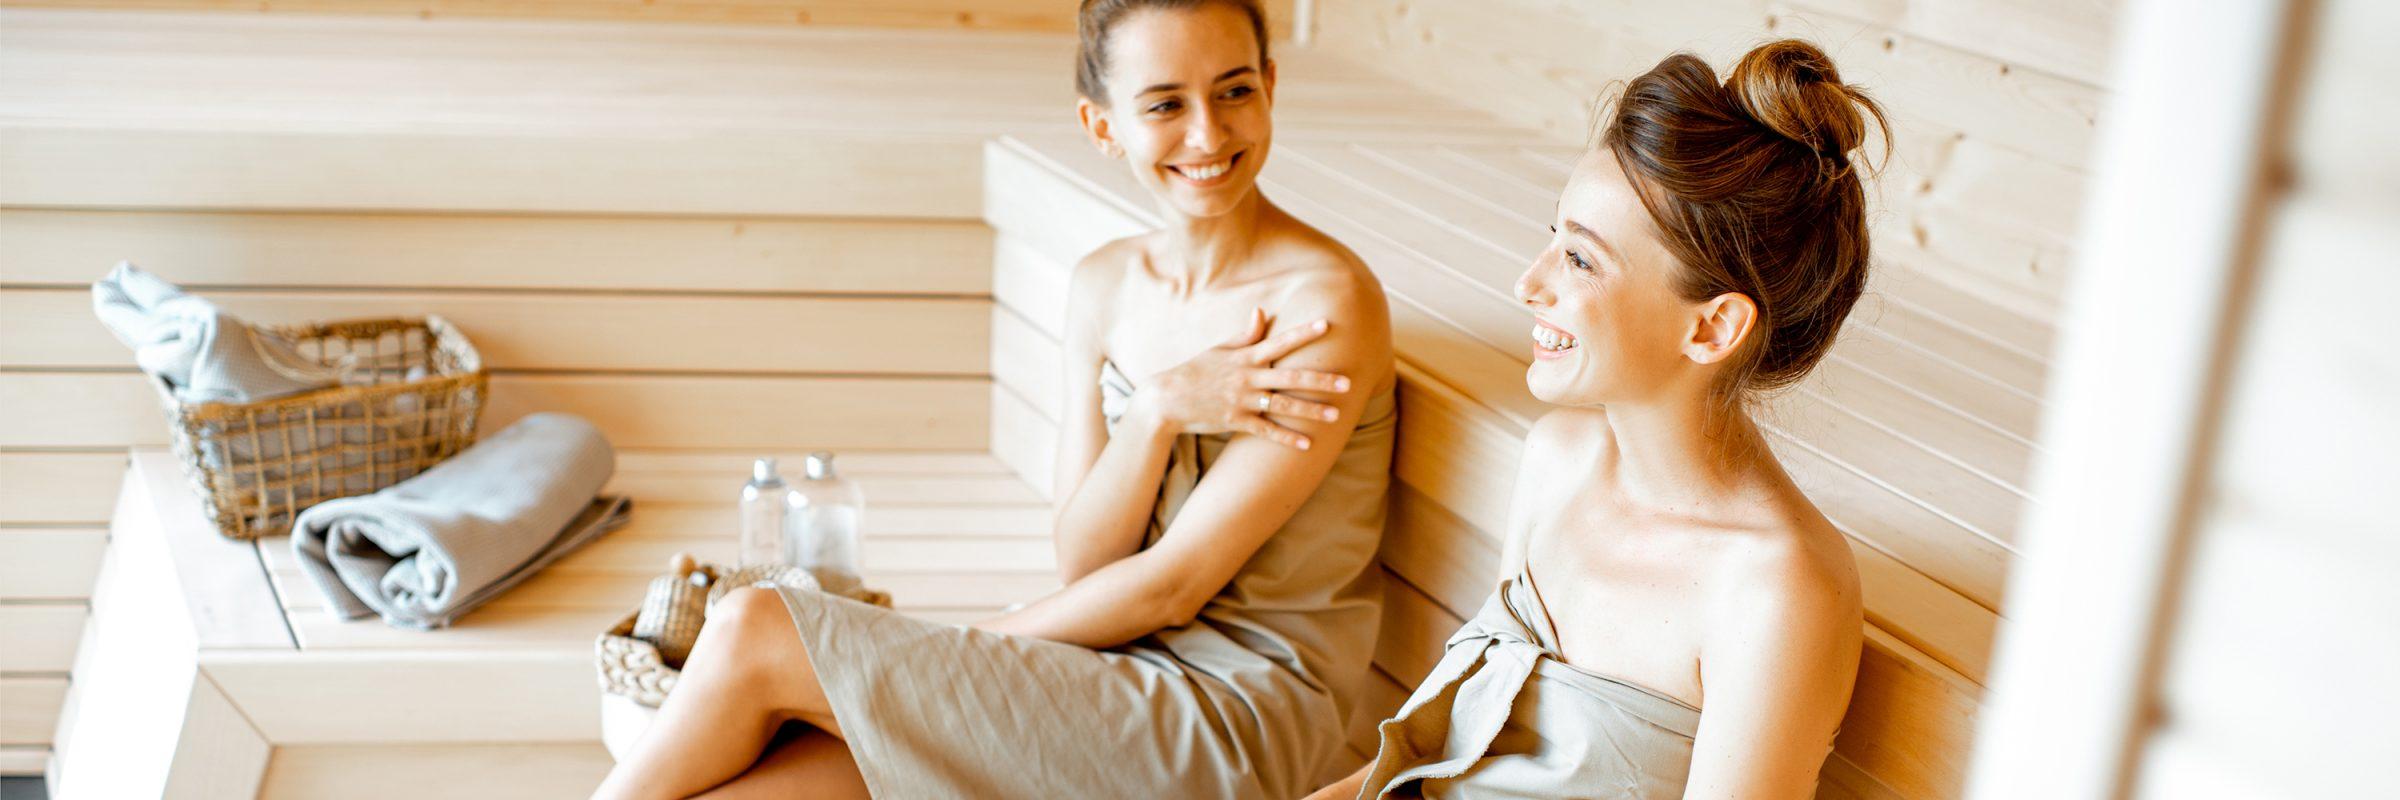 Freundinnen gemeinsam in Sauna